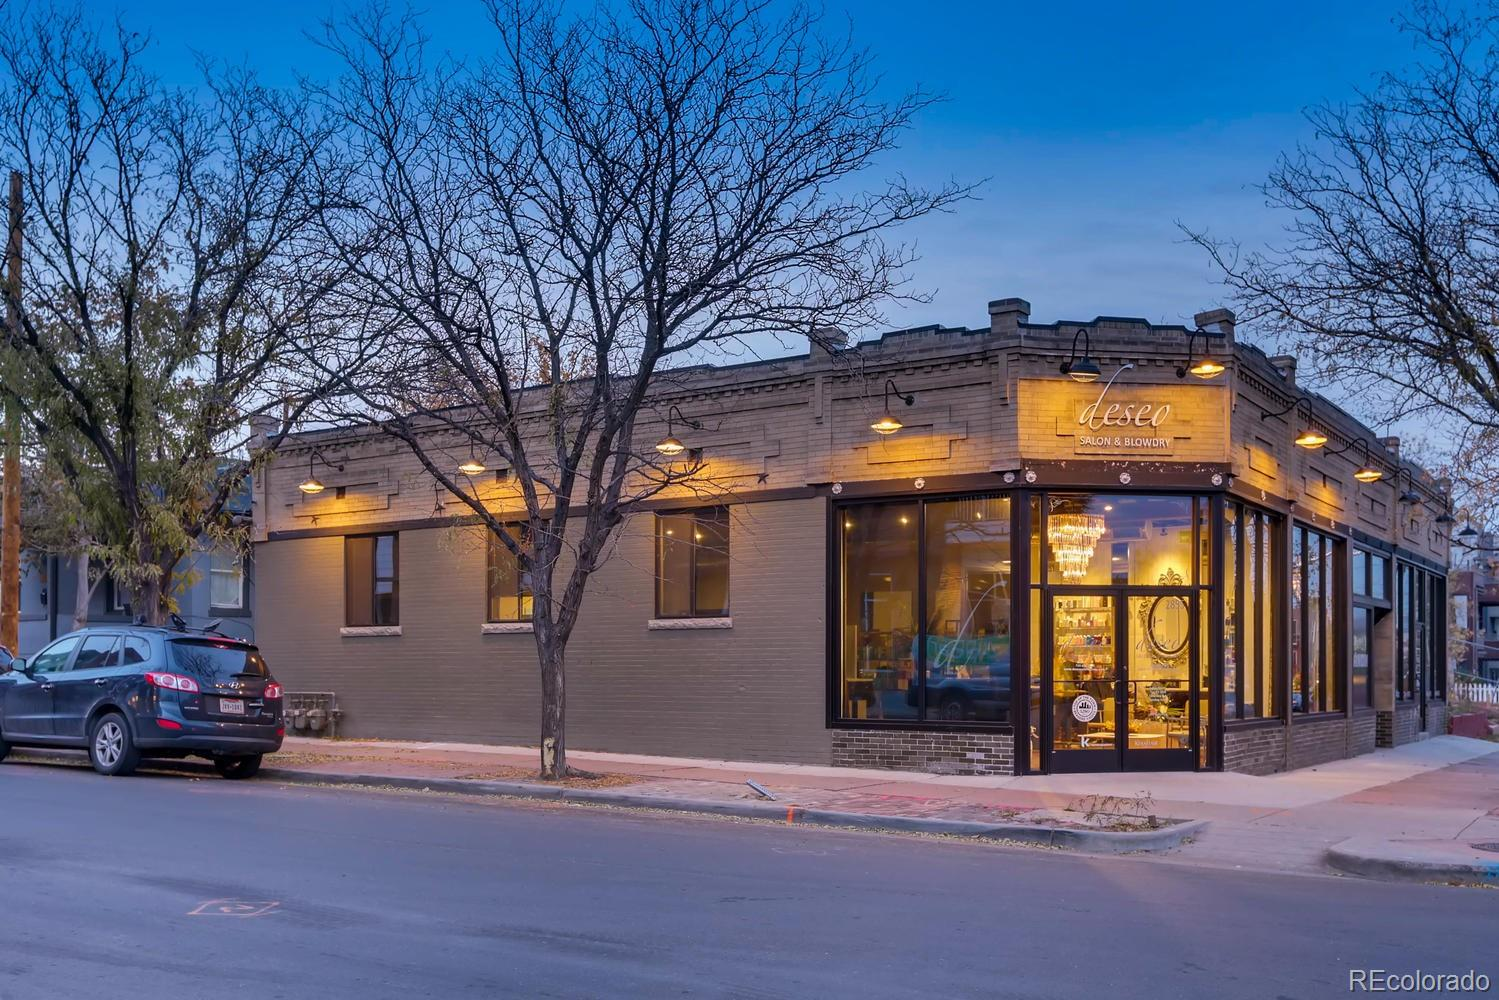 MLS# 6531398 - 30 - 2141 Eliot Street, Denver, CO 80211